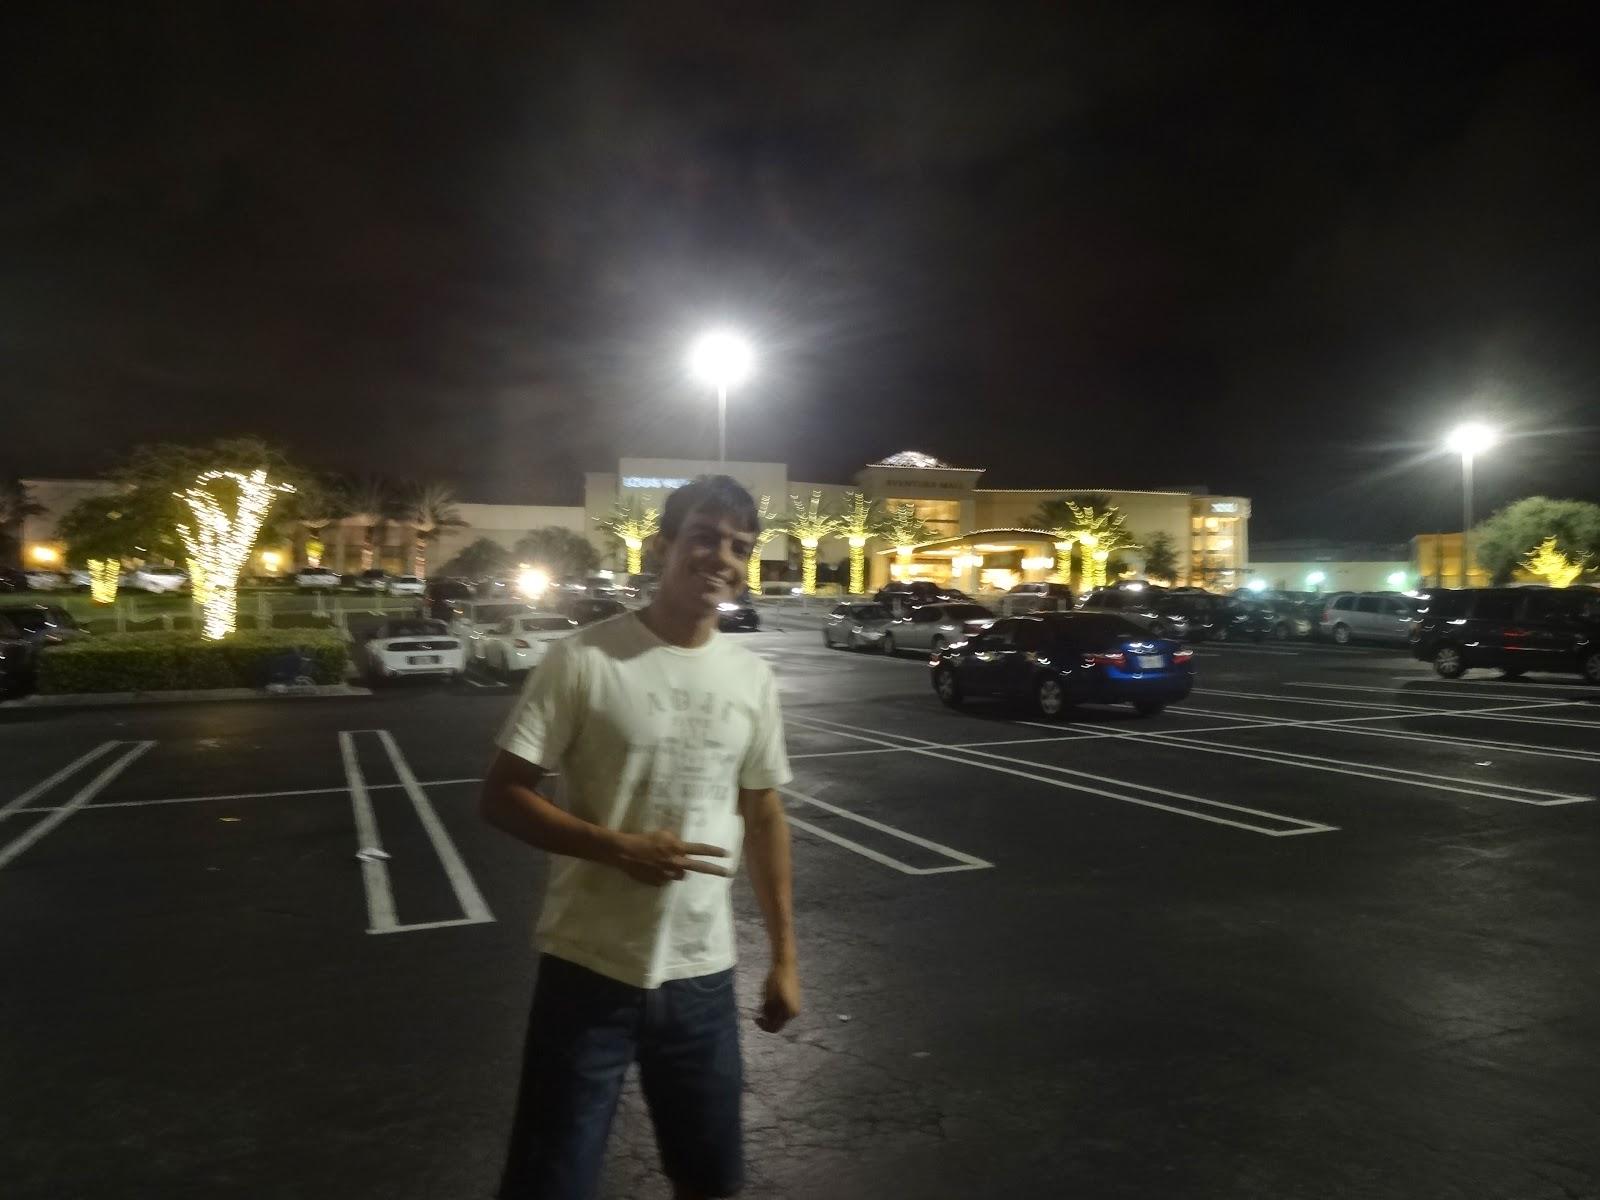 compras no shopping aventura mall em miami